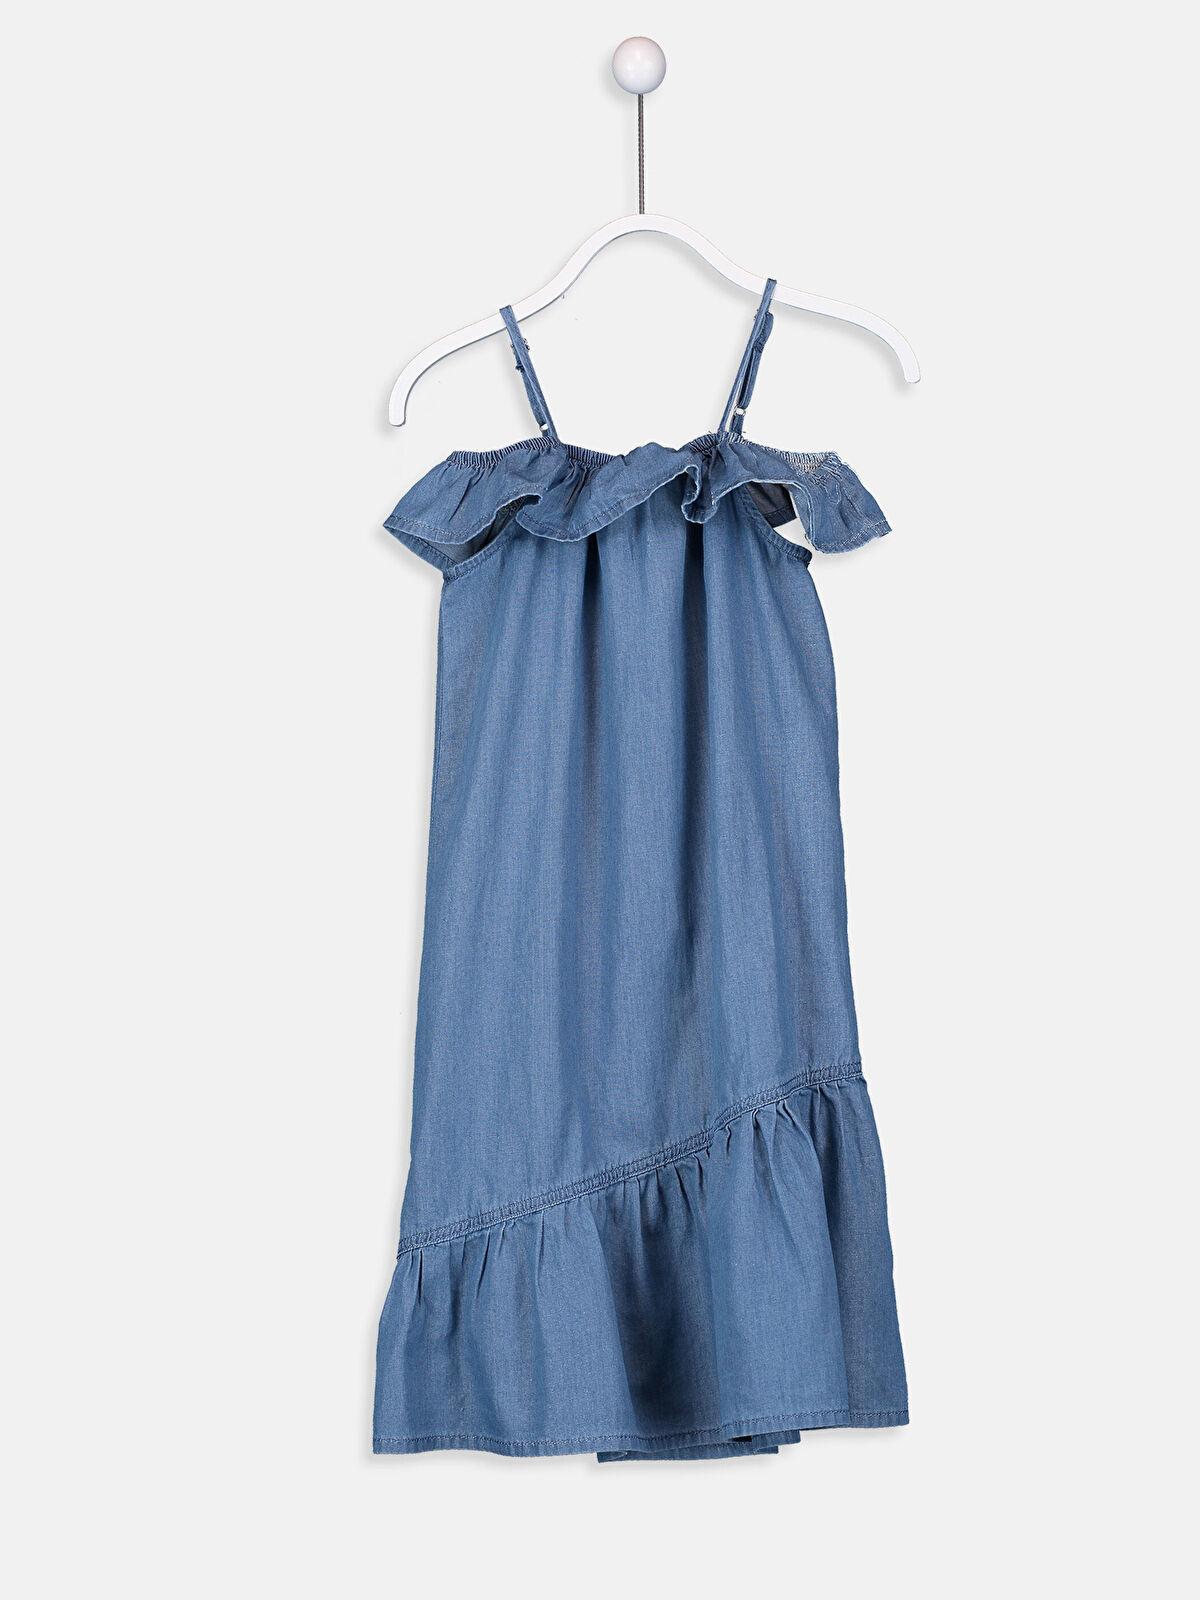 Kız Çocuk Fırfırlı Jean Elbise - LC WAIKIKI